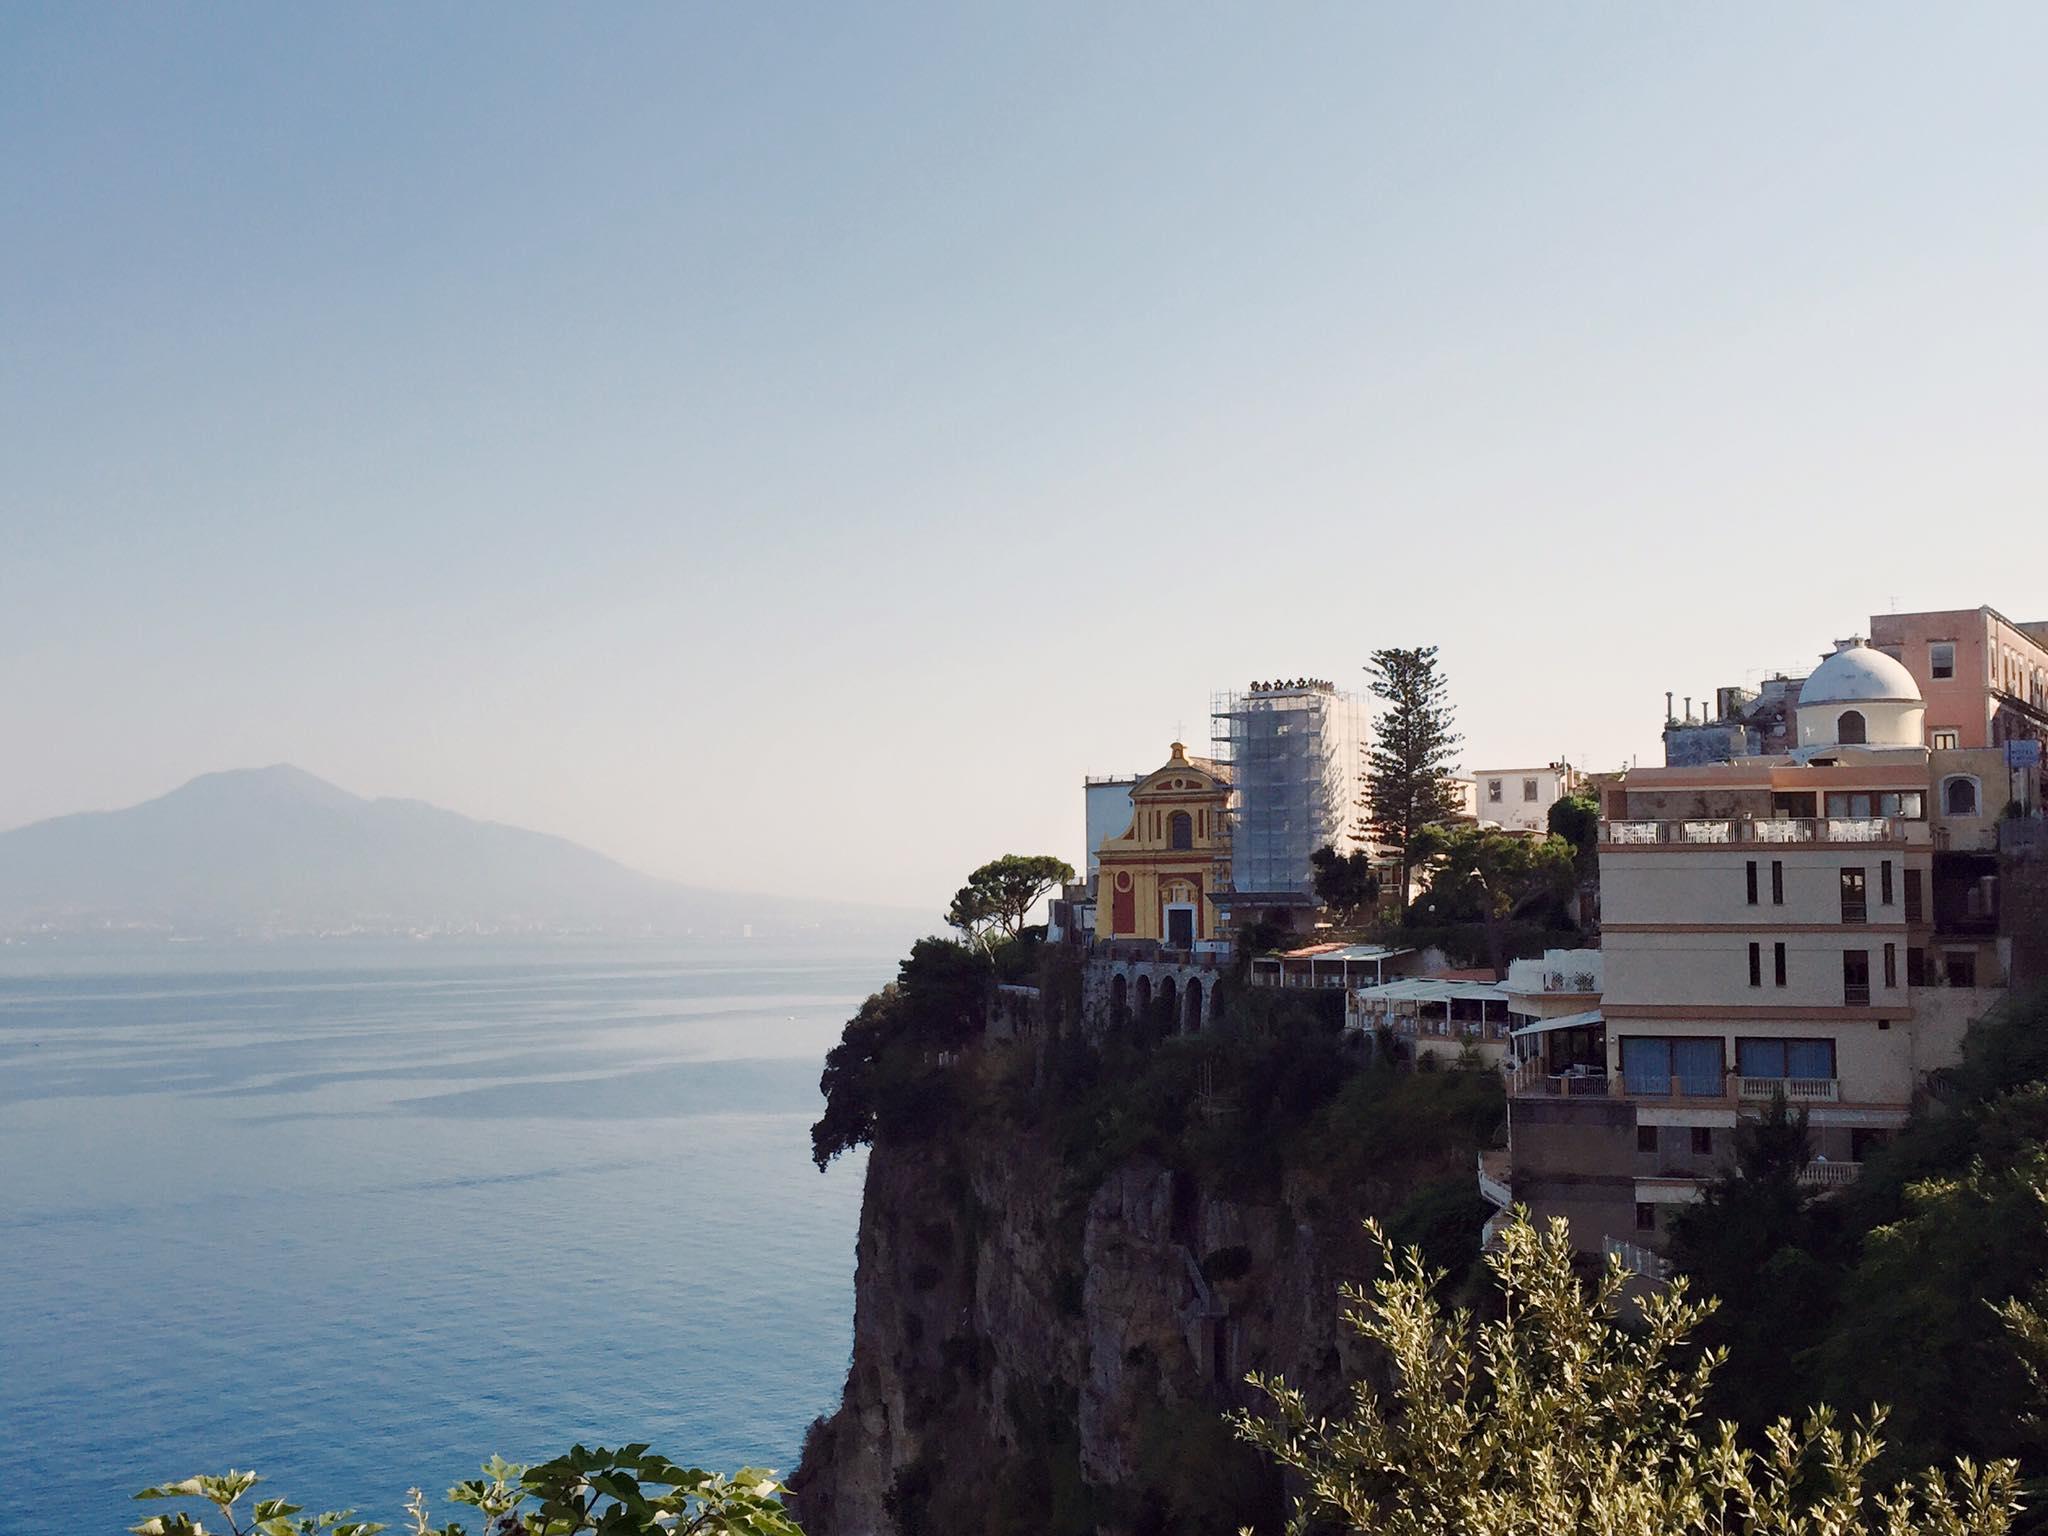 Cliffs of the Amalfi Coast